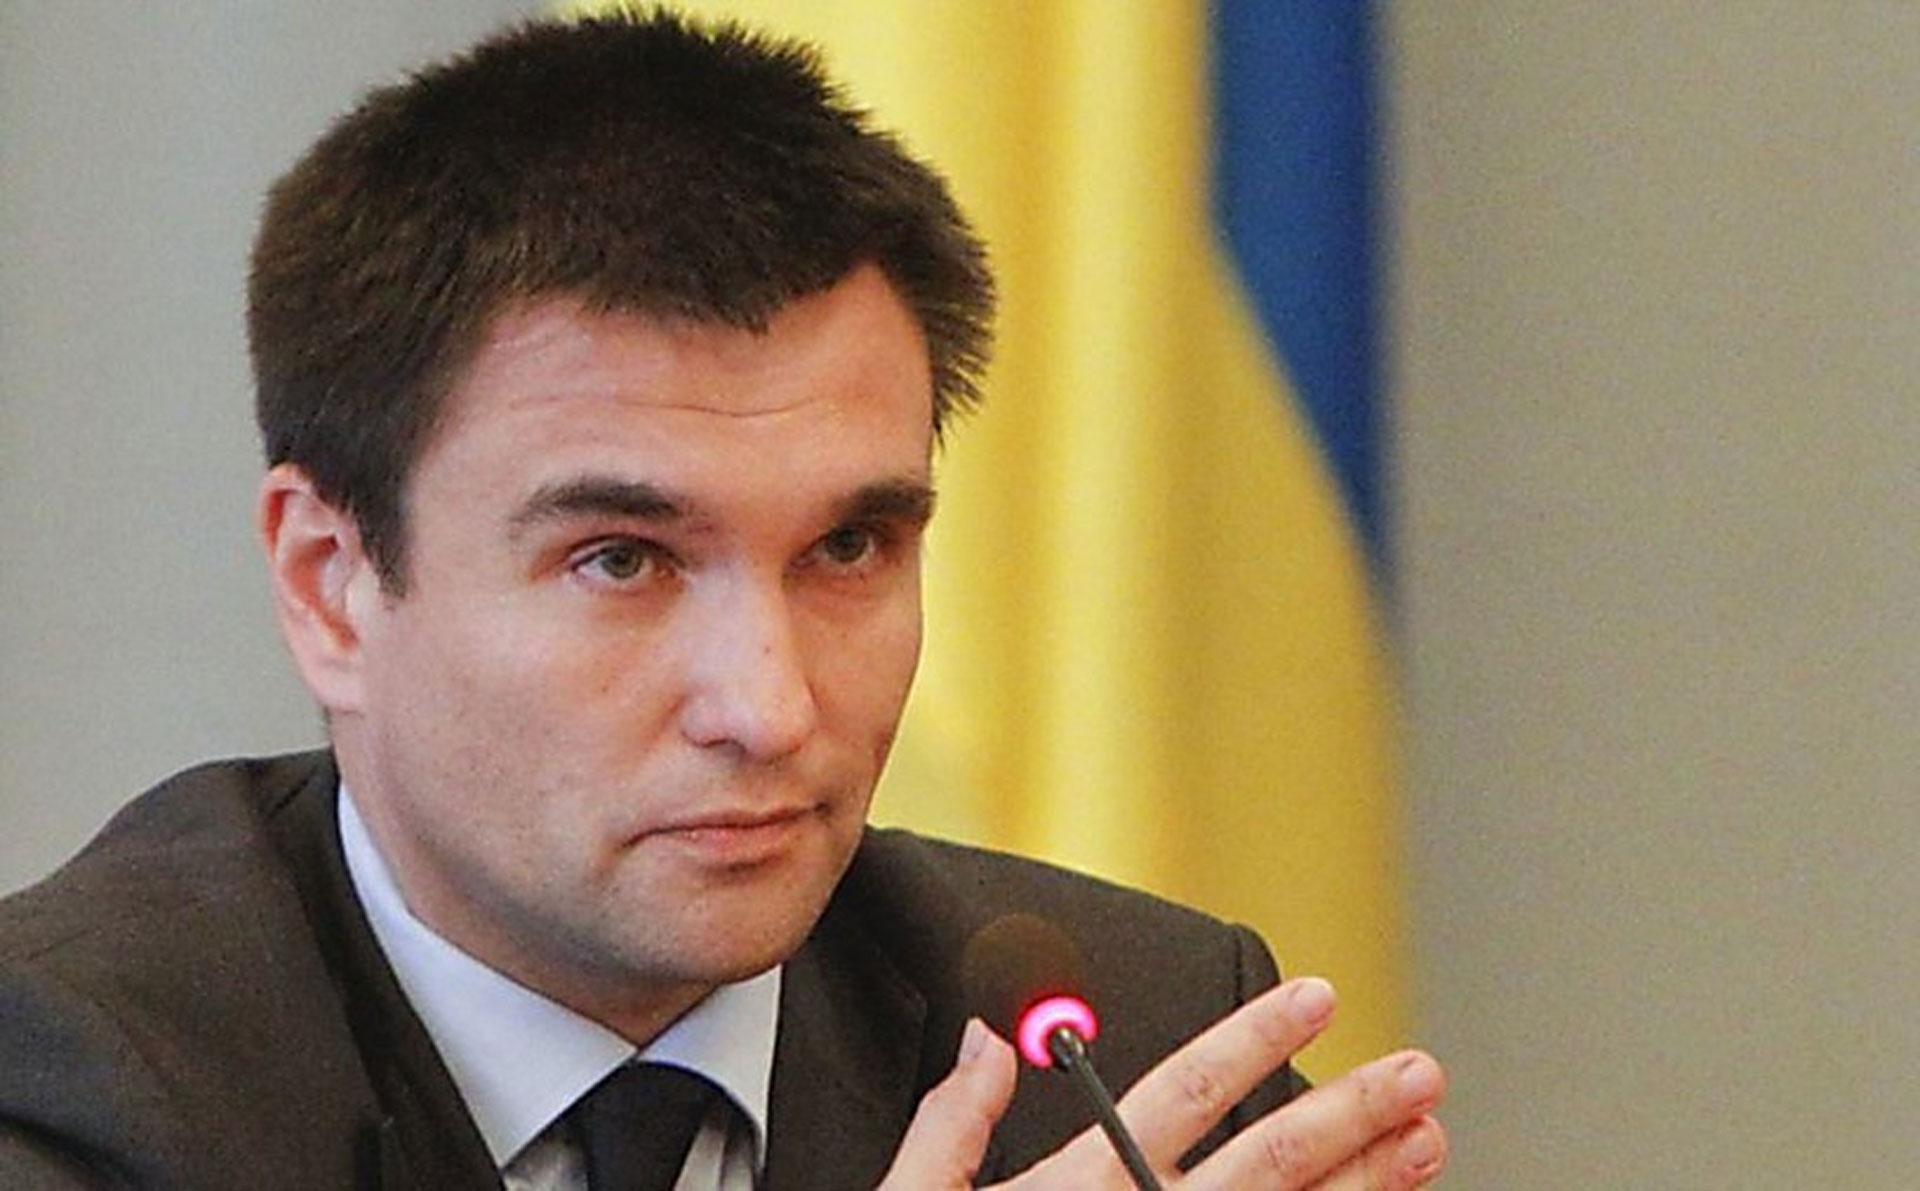 К такому никто не готов: Климкин прокомментировал вероятность введения военного положения в Украине